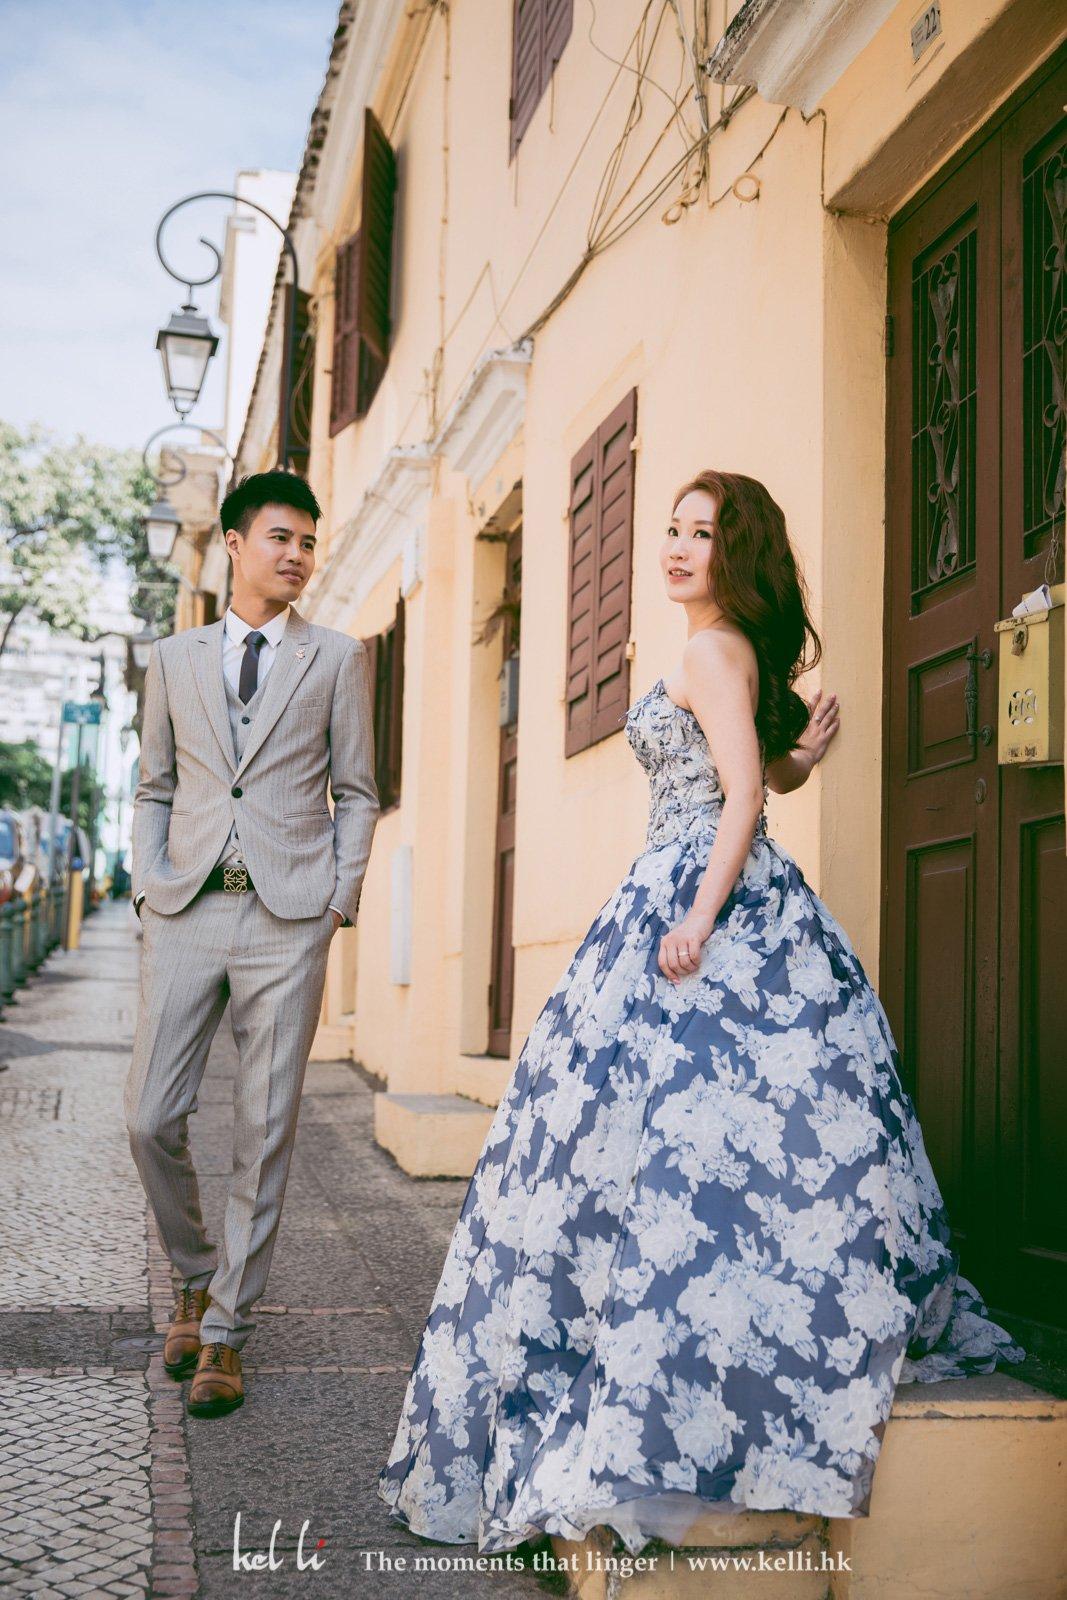 充滿著葡國風情的街道